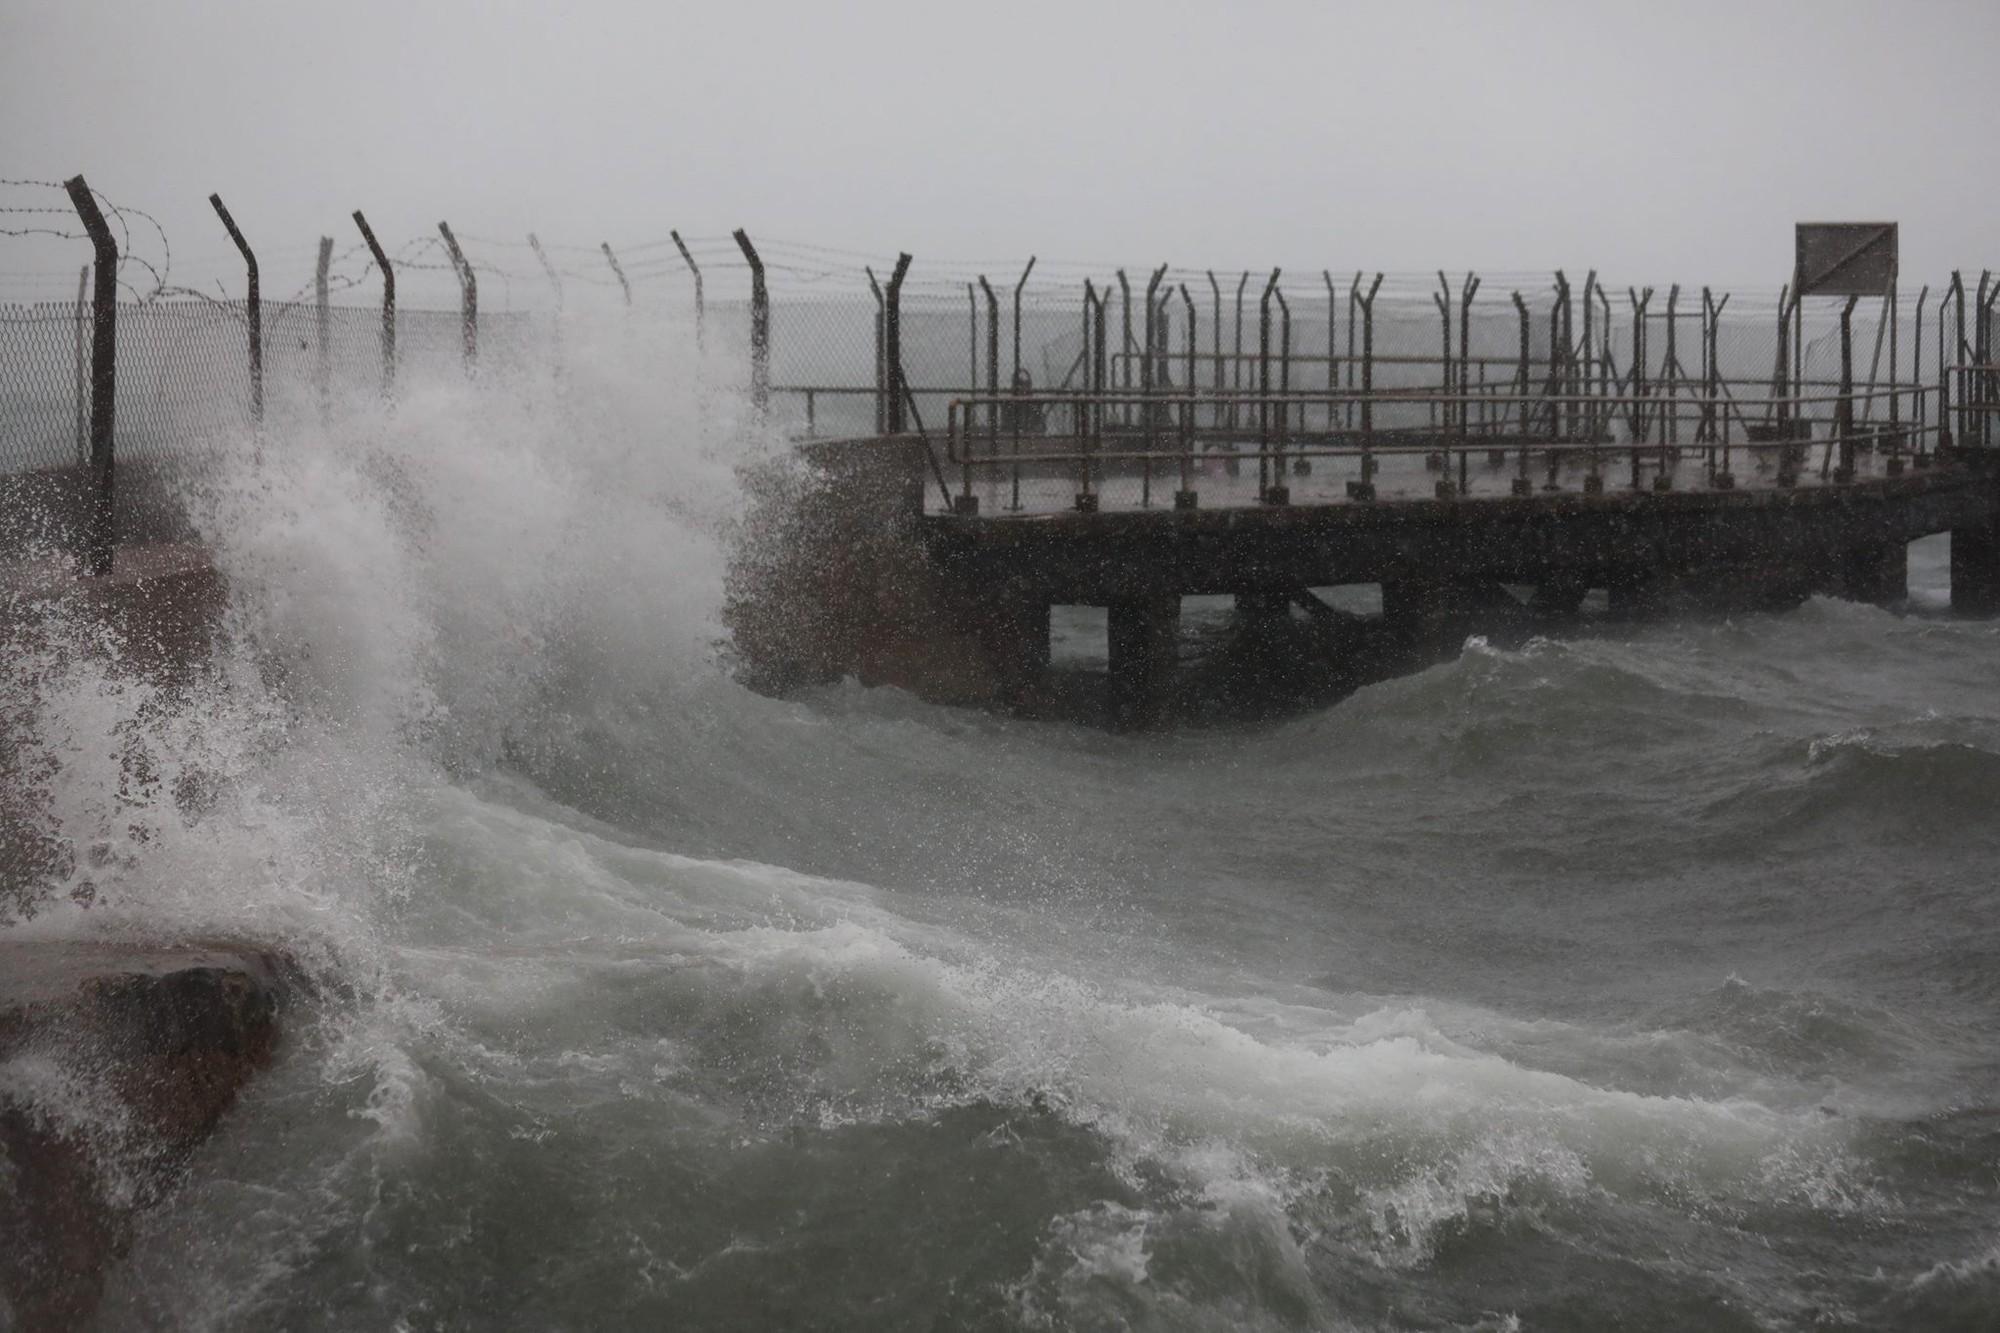 Nóng: Bão Mangkhut đã đổ bộ Hong Kong với từng cột sóng cao đến 14m 2